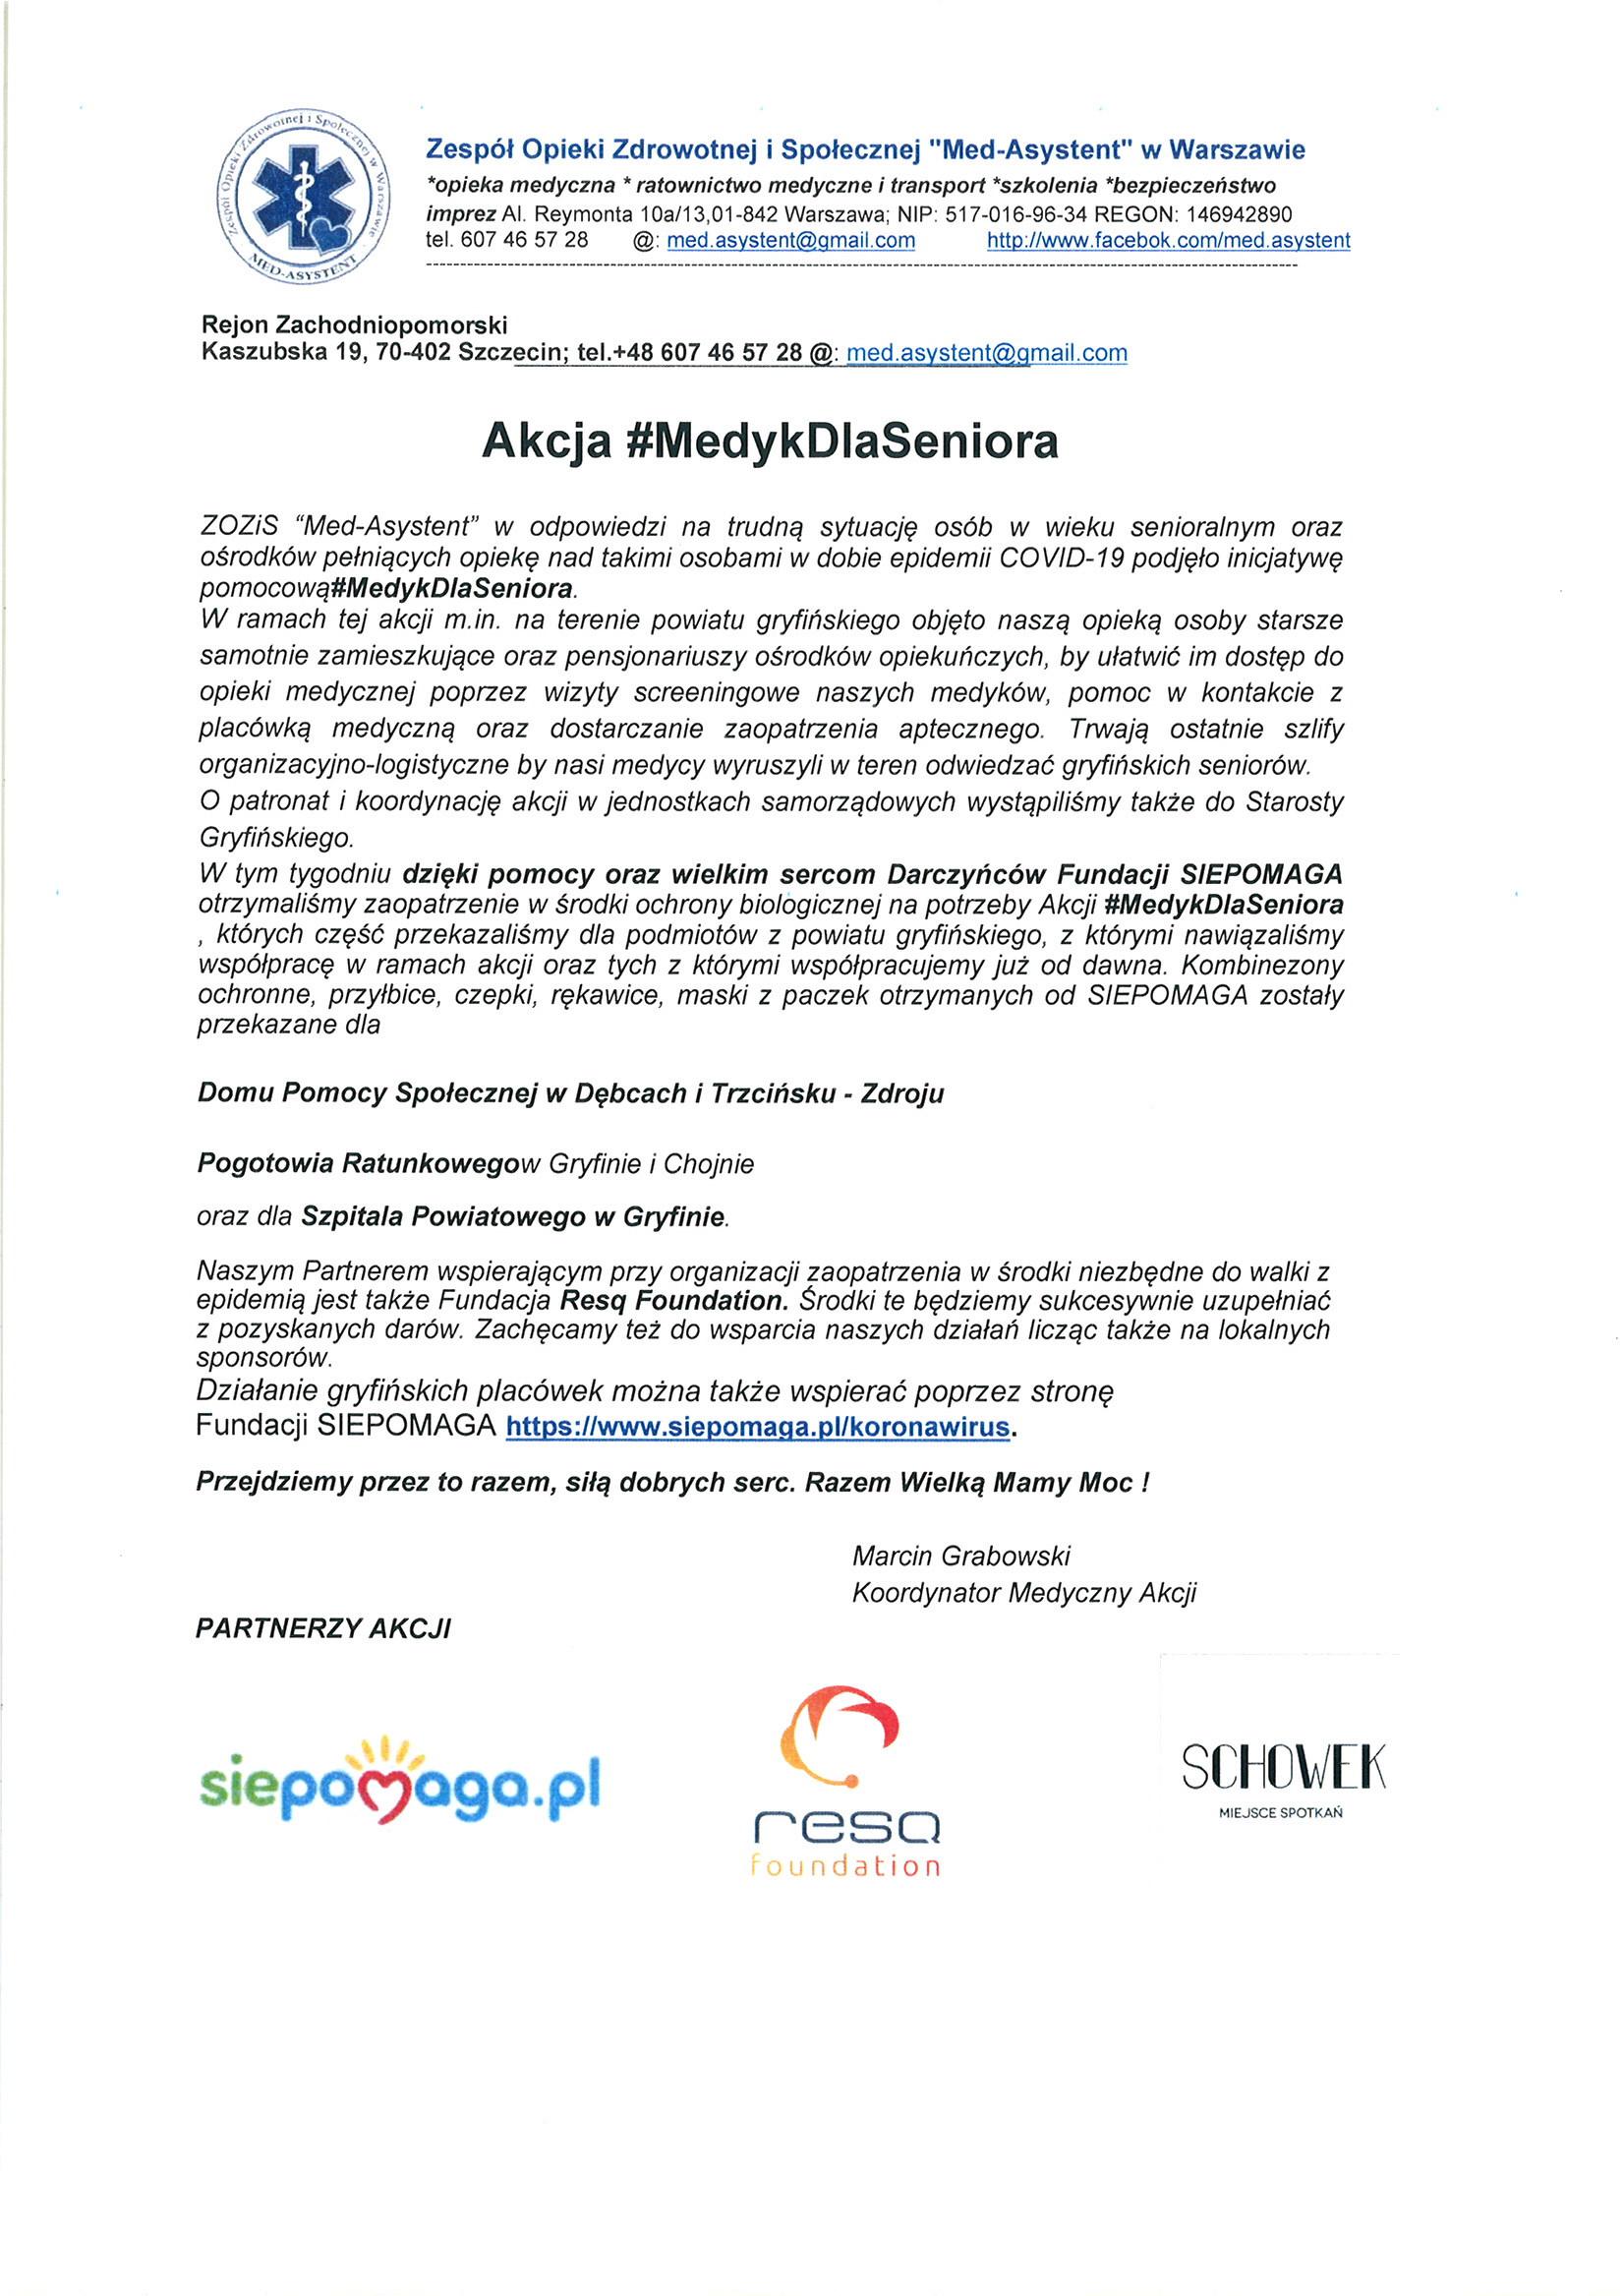 Akcja MedykDlaSeniora